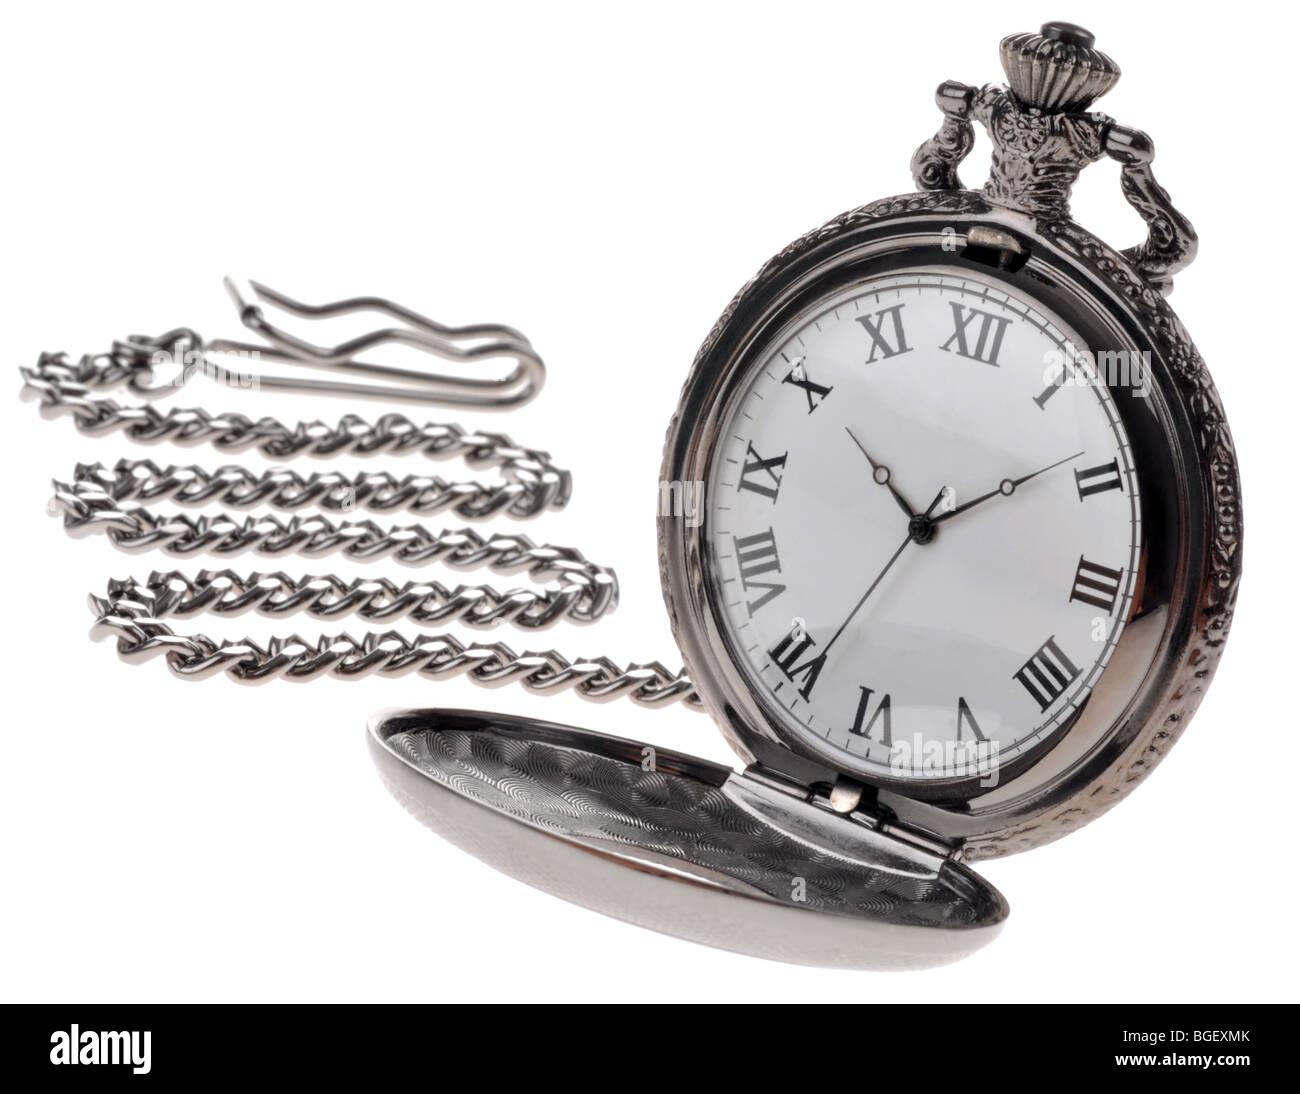 """""""Reloj de bolsillo"""" y cadena, reloj, reloj, tiempo Imagen De Stock"""